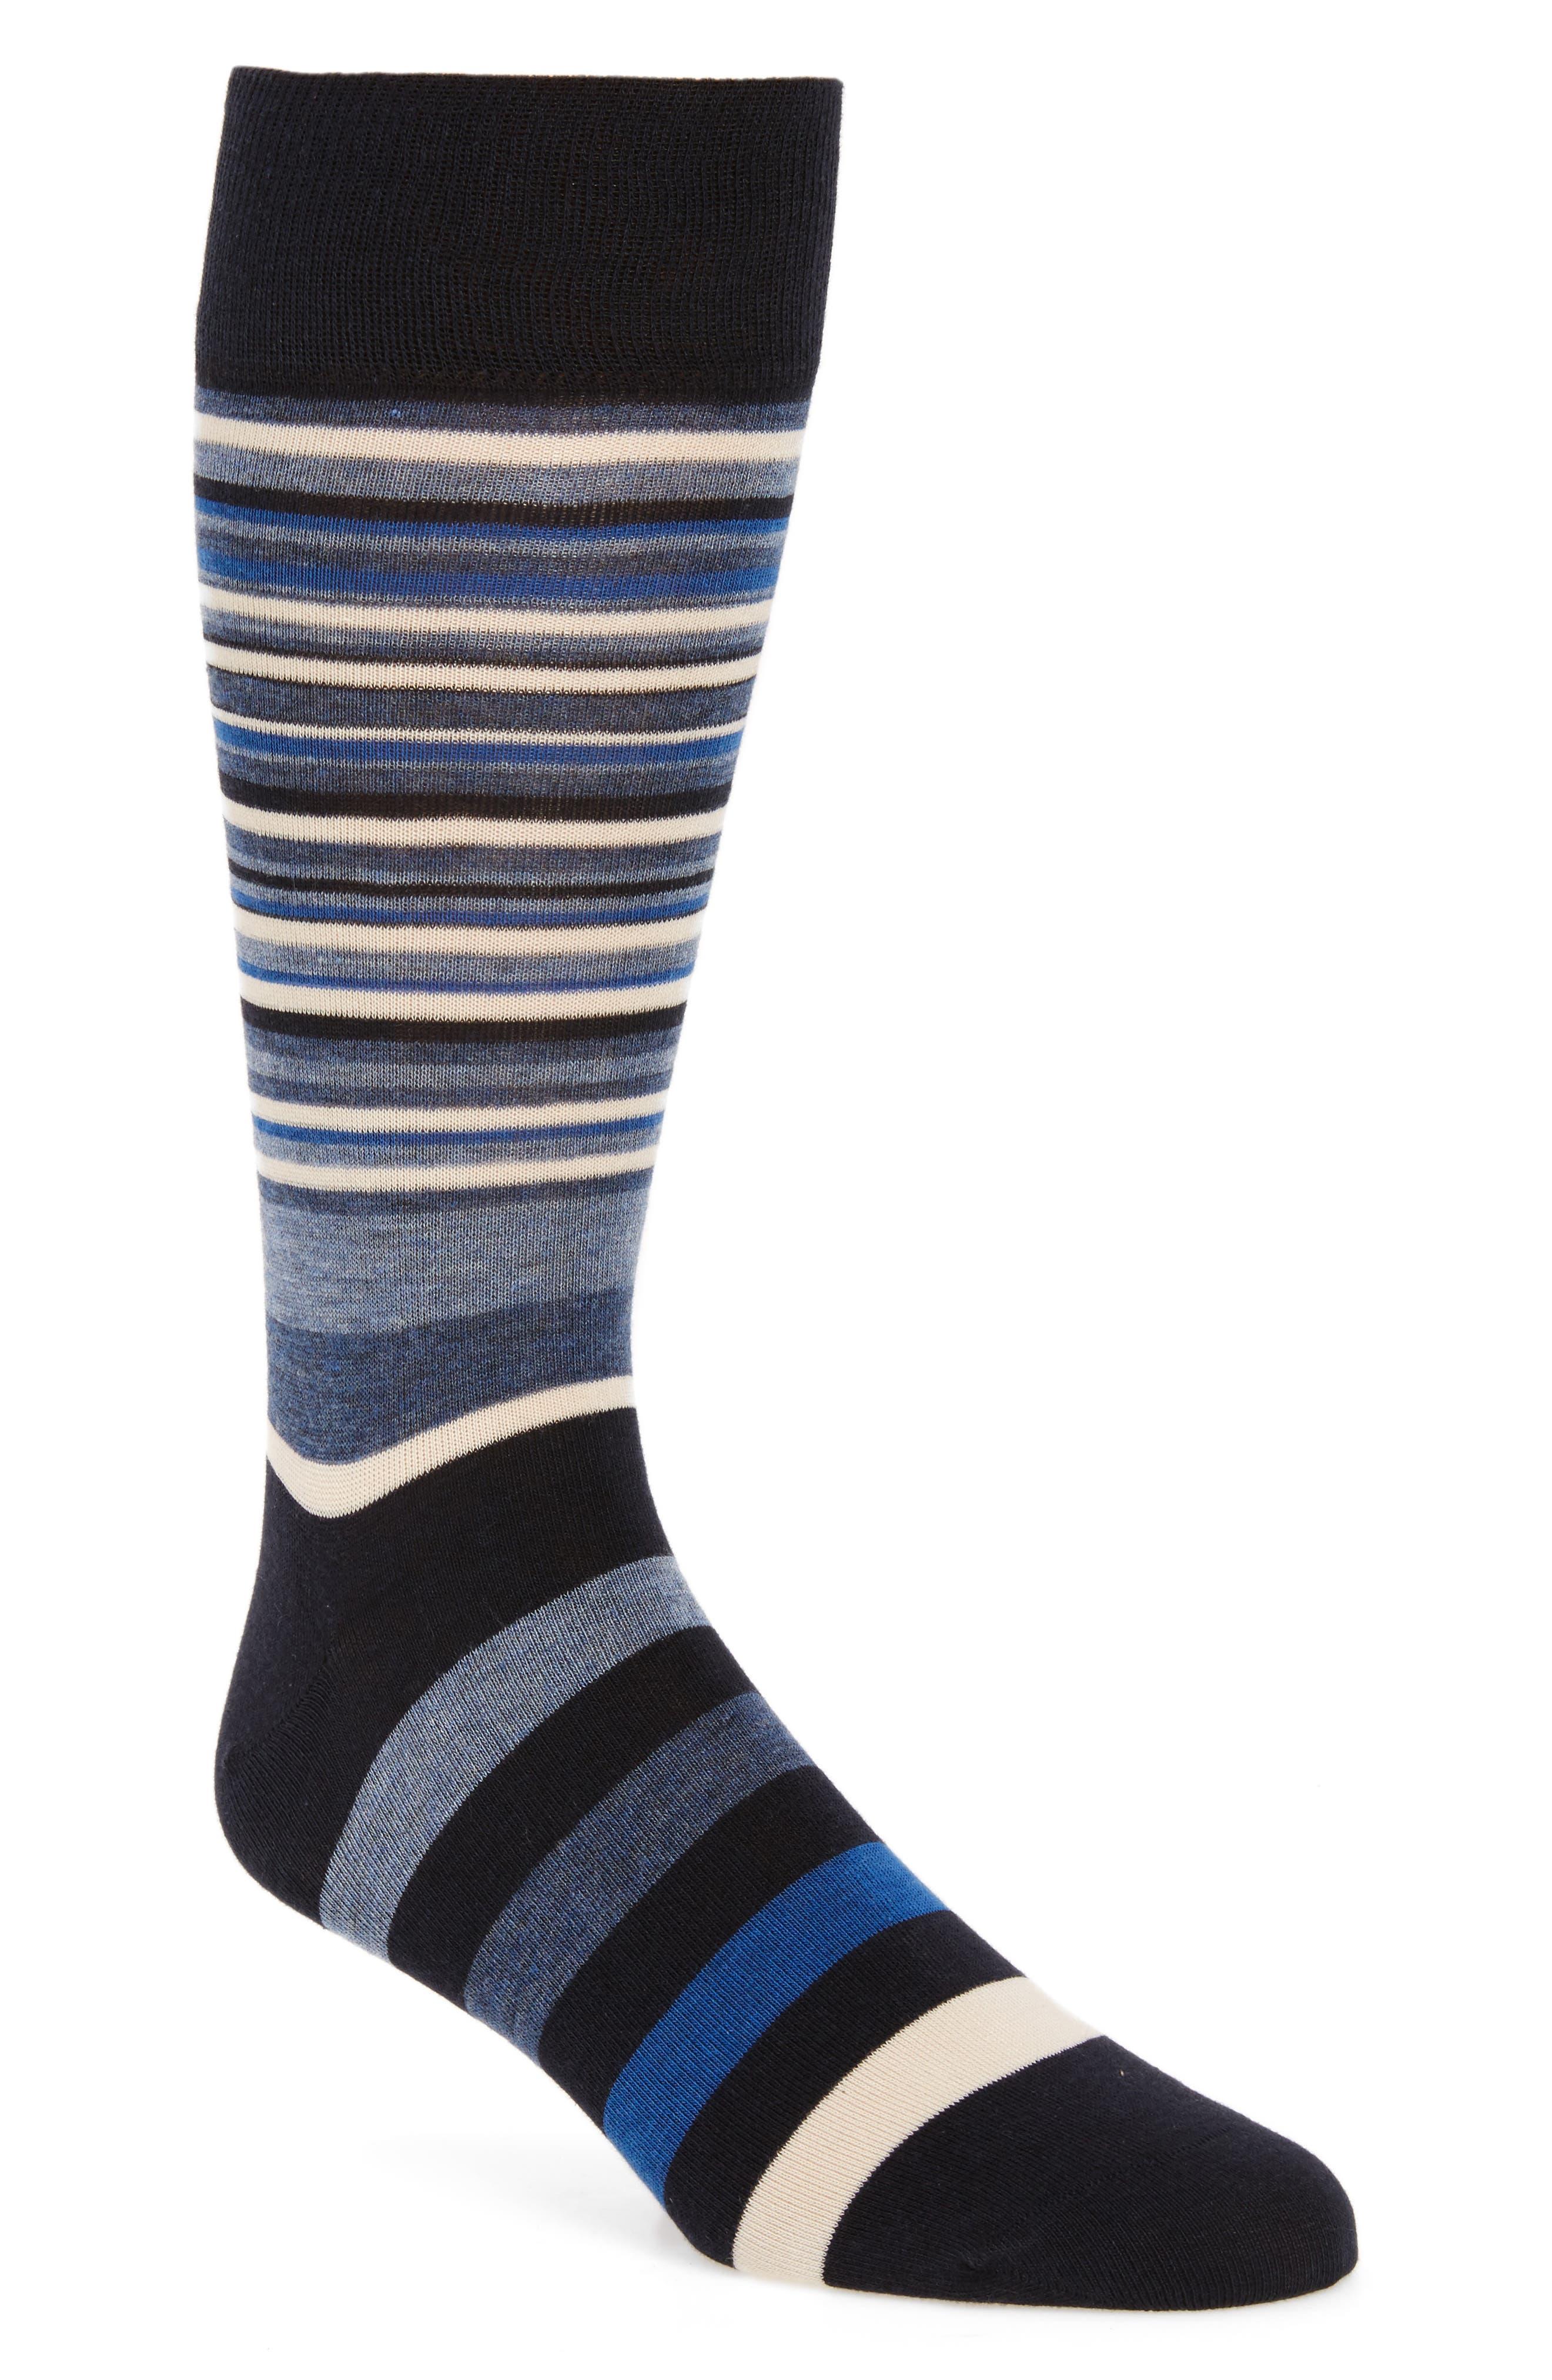 Town Stripe Crew Socks,                         Main,                         color, Navy/ Astor Blue Stripe